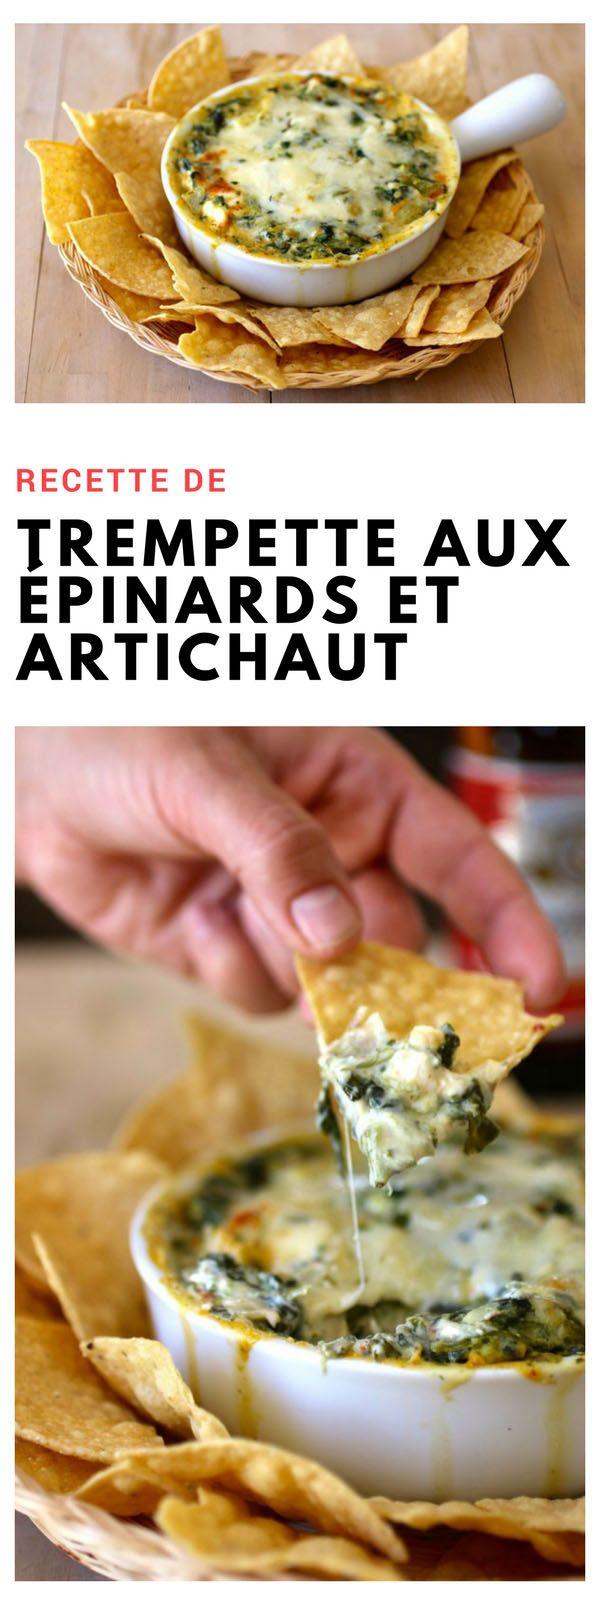 #trempette #épinards #artichaut